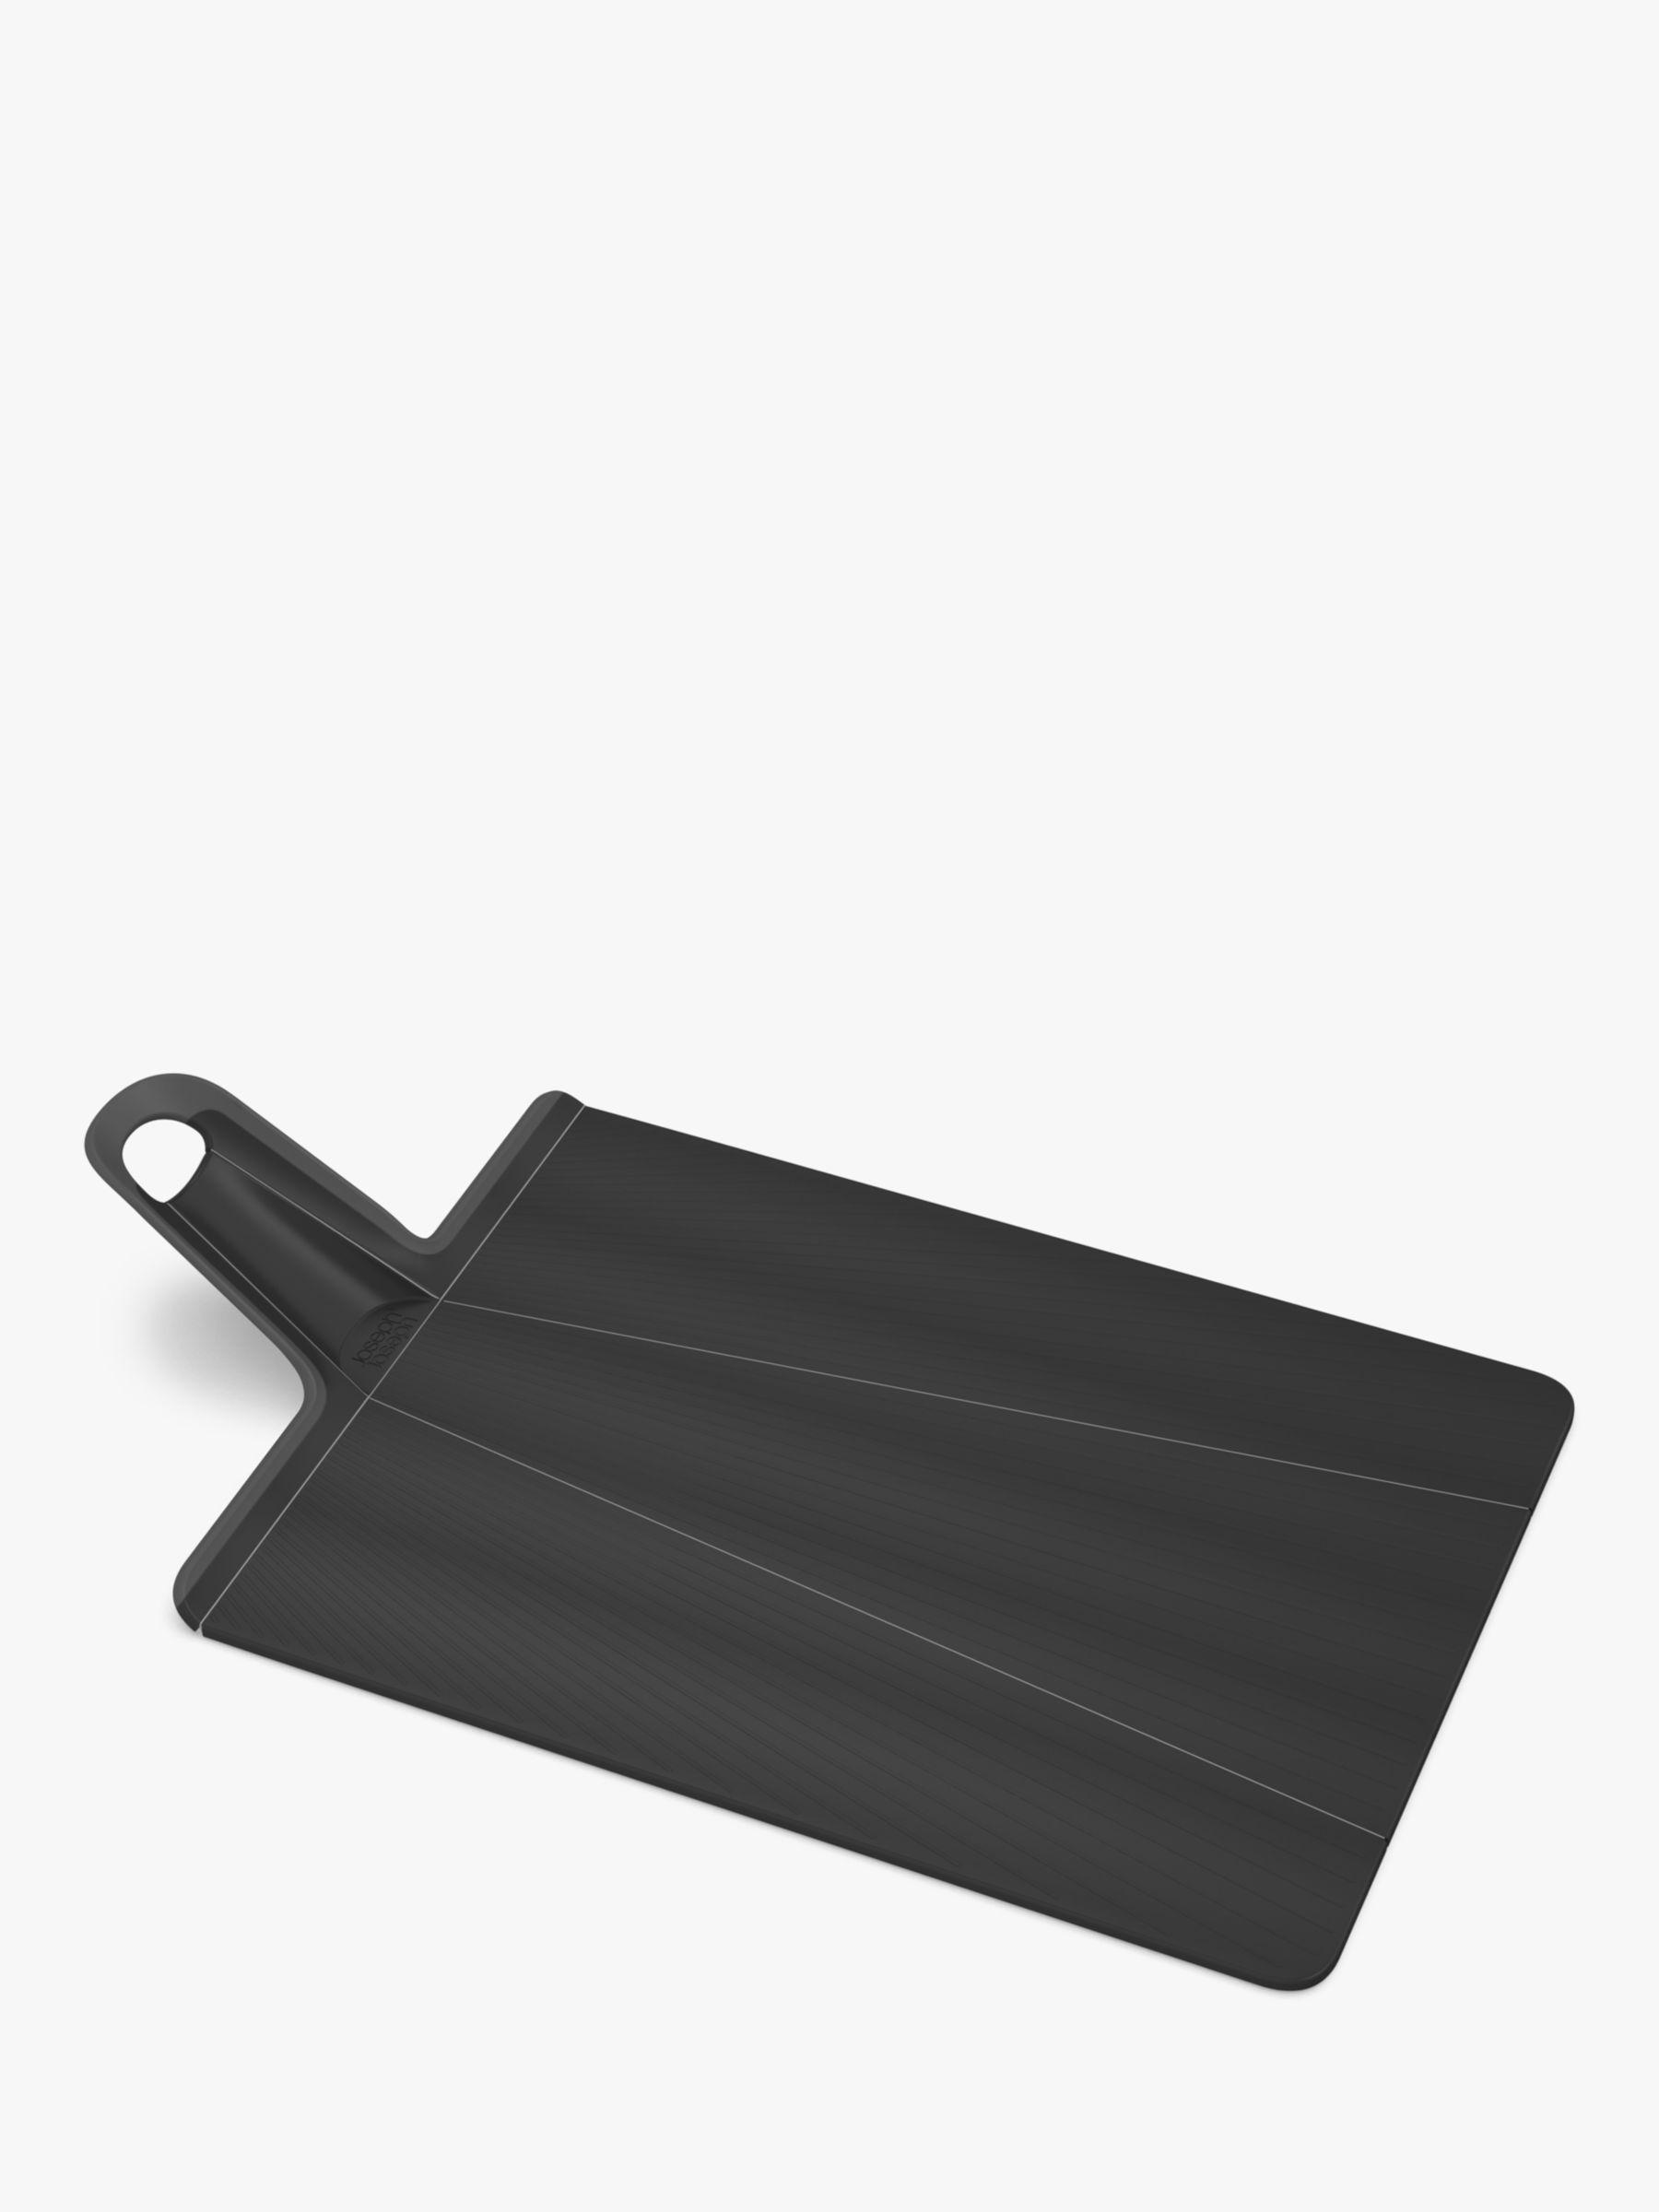 Lego LEGO City 60205 Tracks